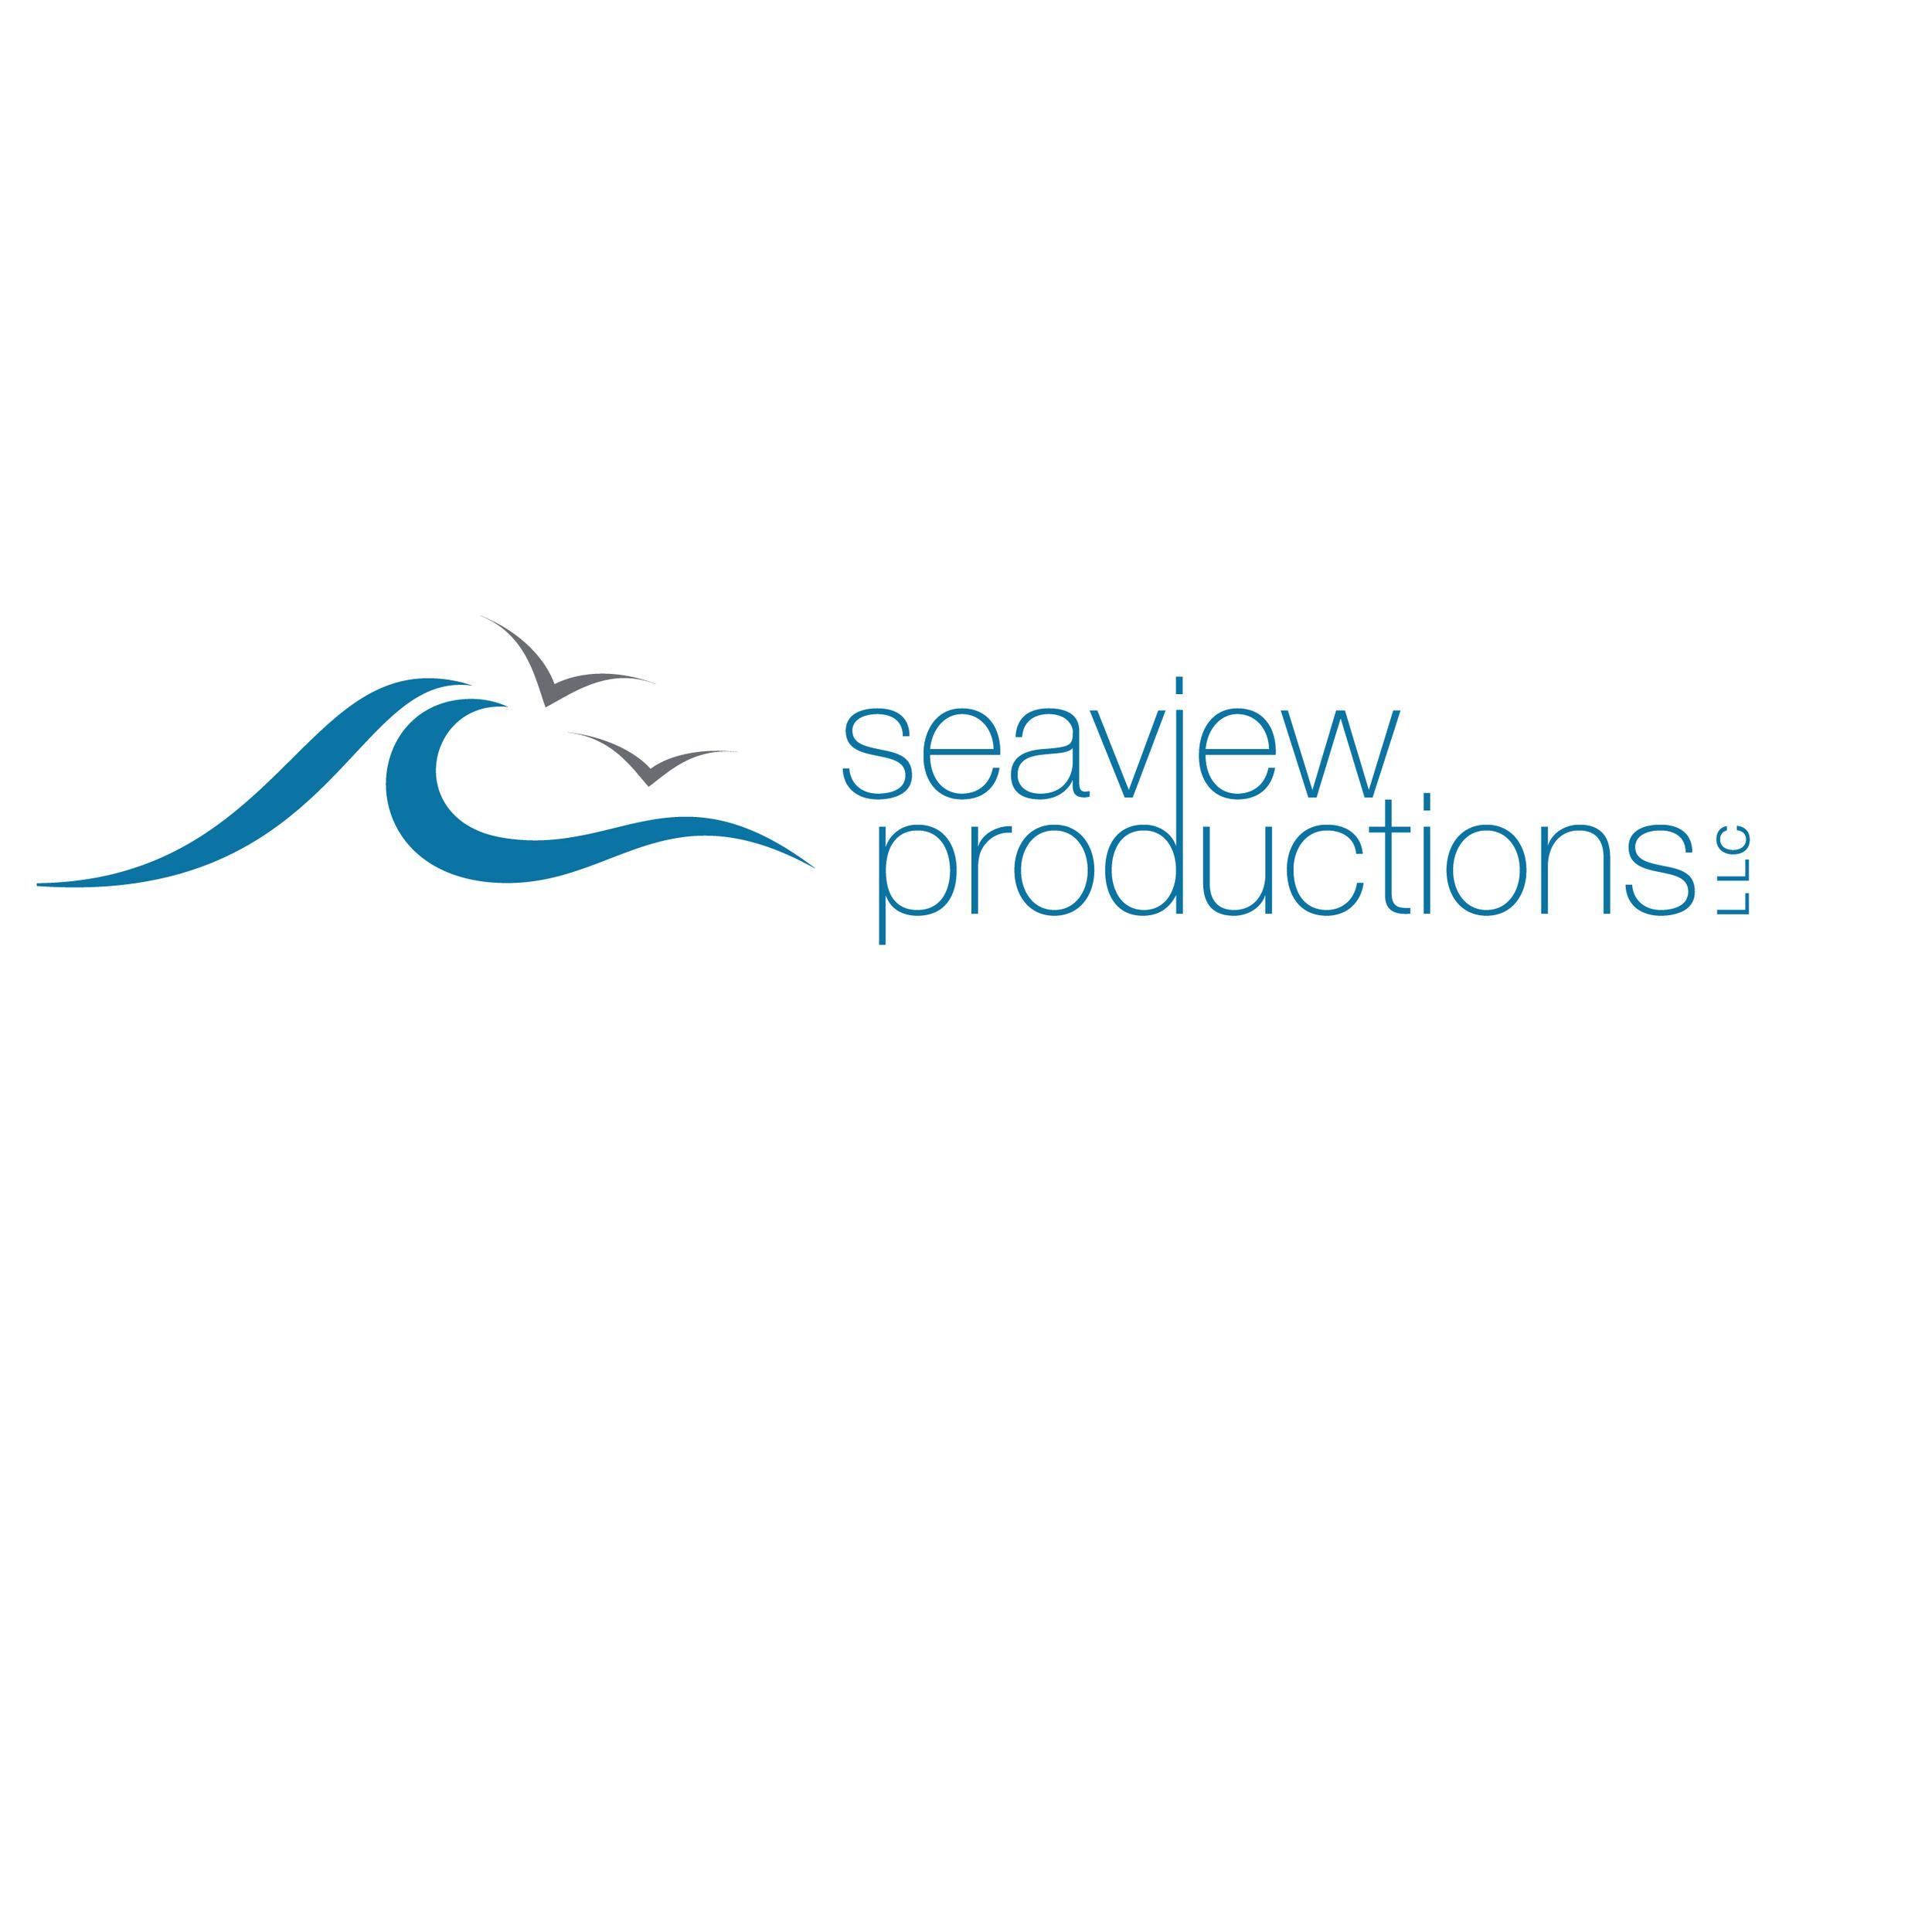 seaview wave + words.jpg